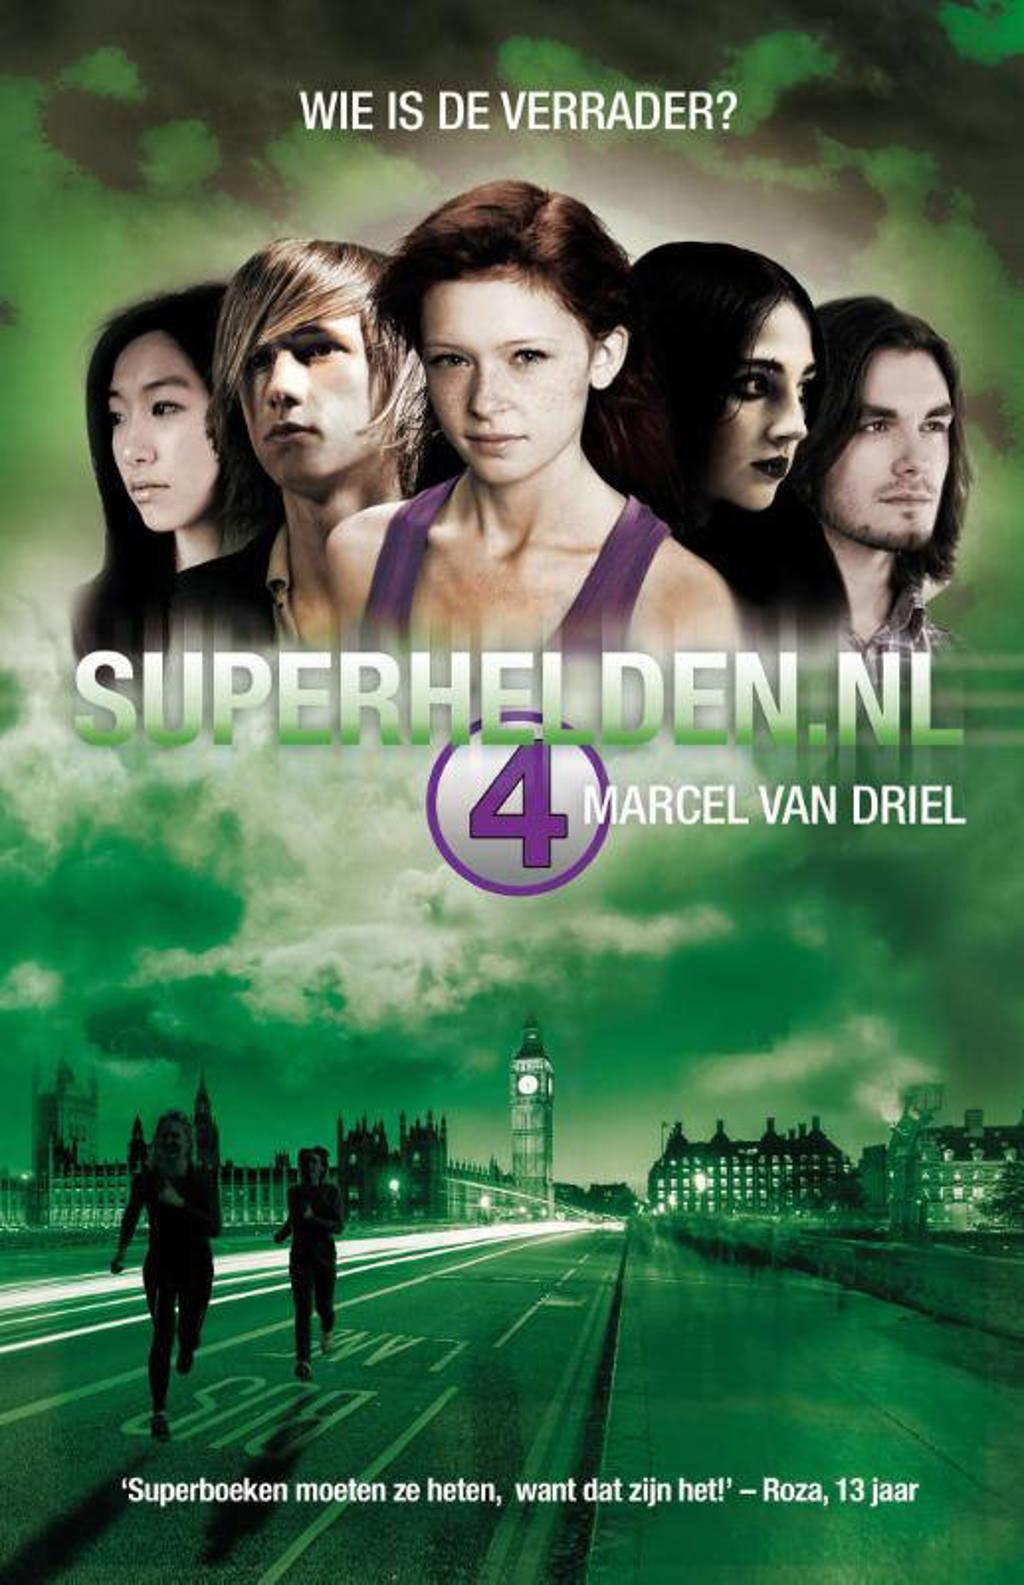 Superhelden.nl: Superhelden.nl 4 - Marcel van Driel